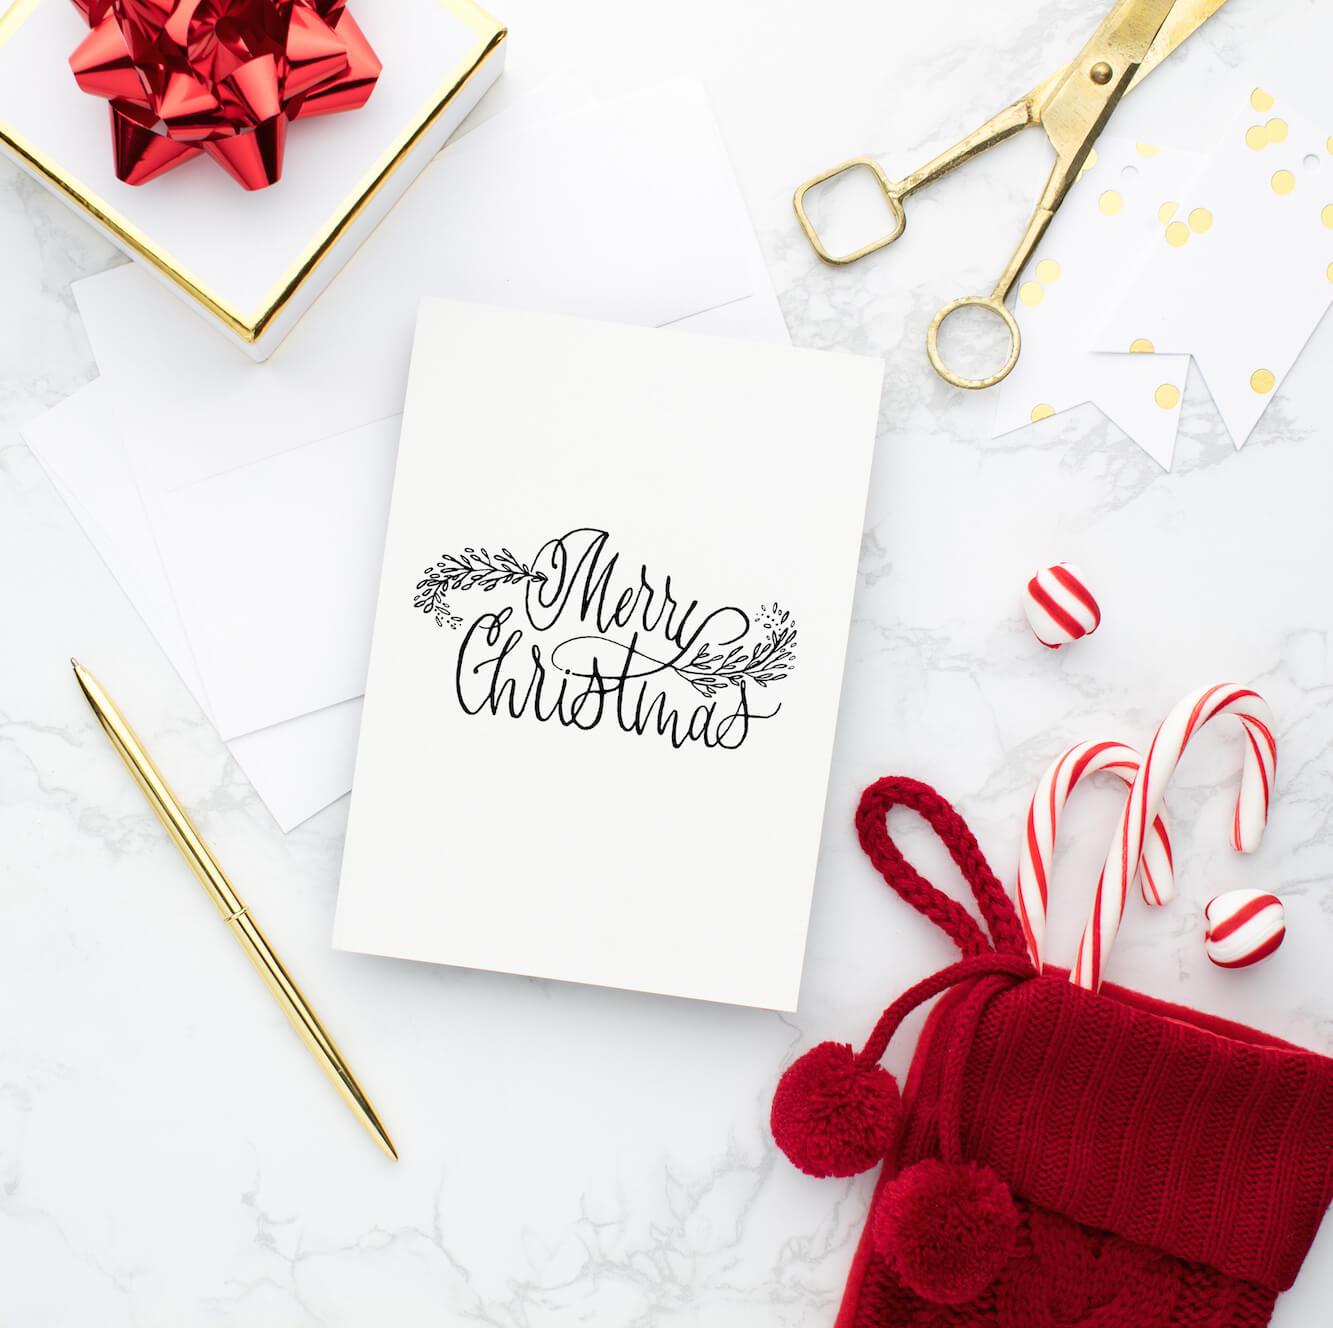 Merry Christmas Card Kalligraphie Karte Weihnachten Grußkarte